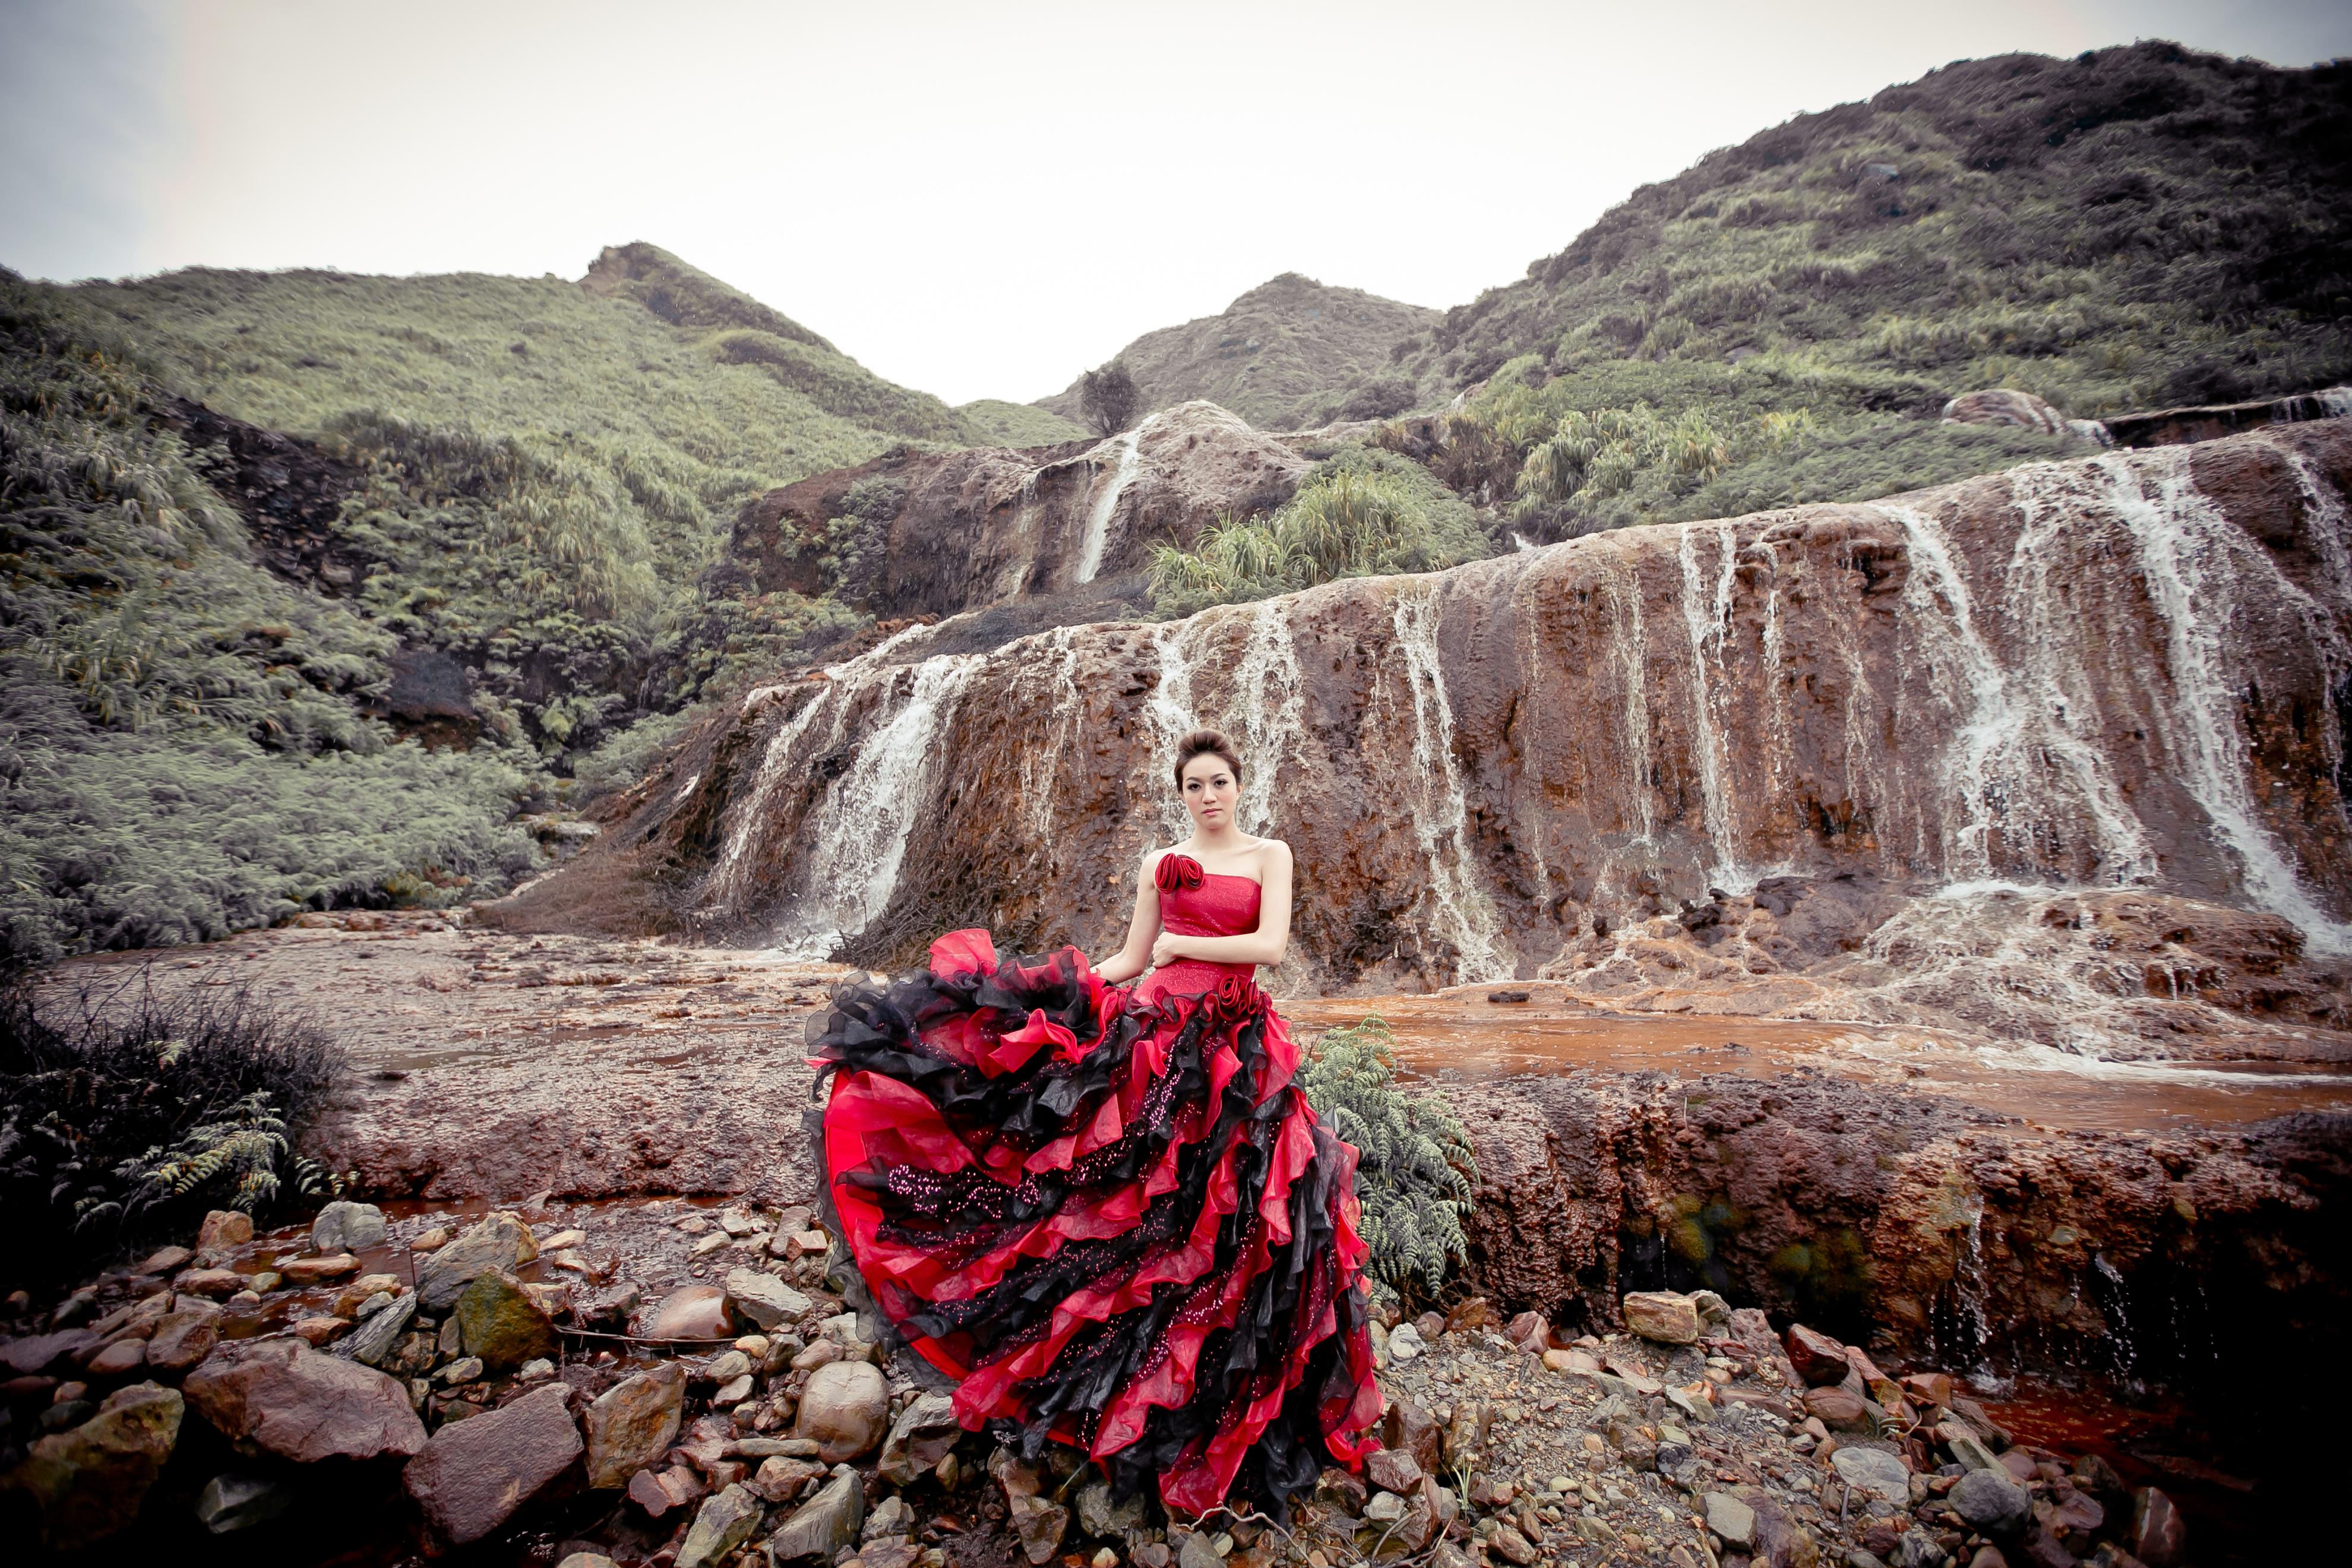 婚紗拍攝景點推薦-金瓜石